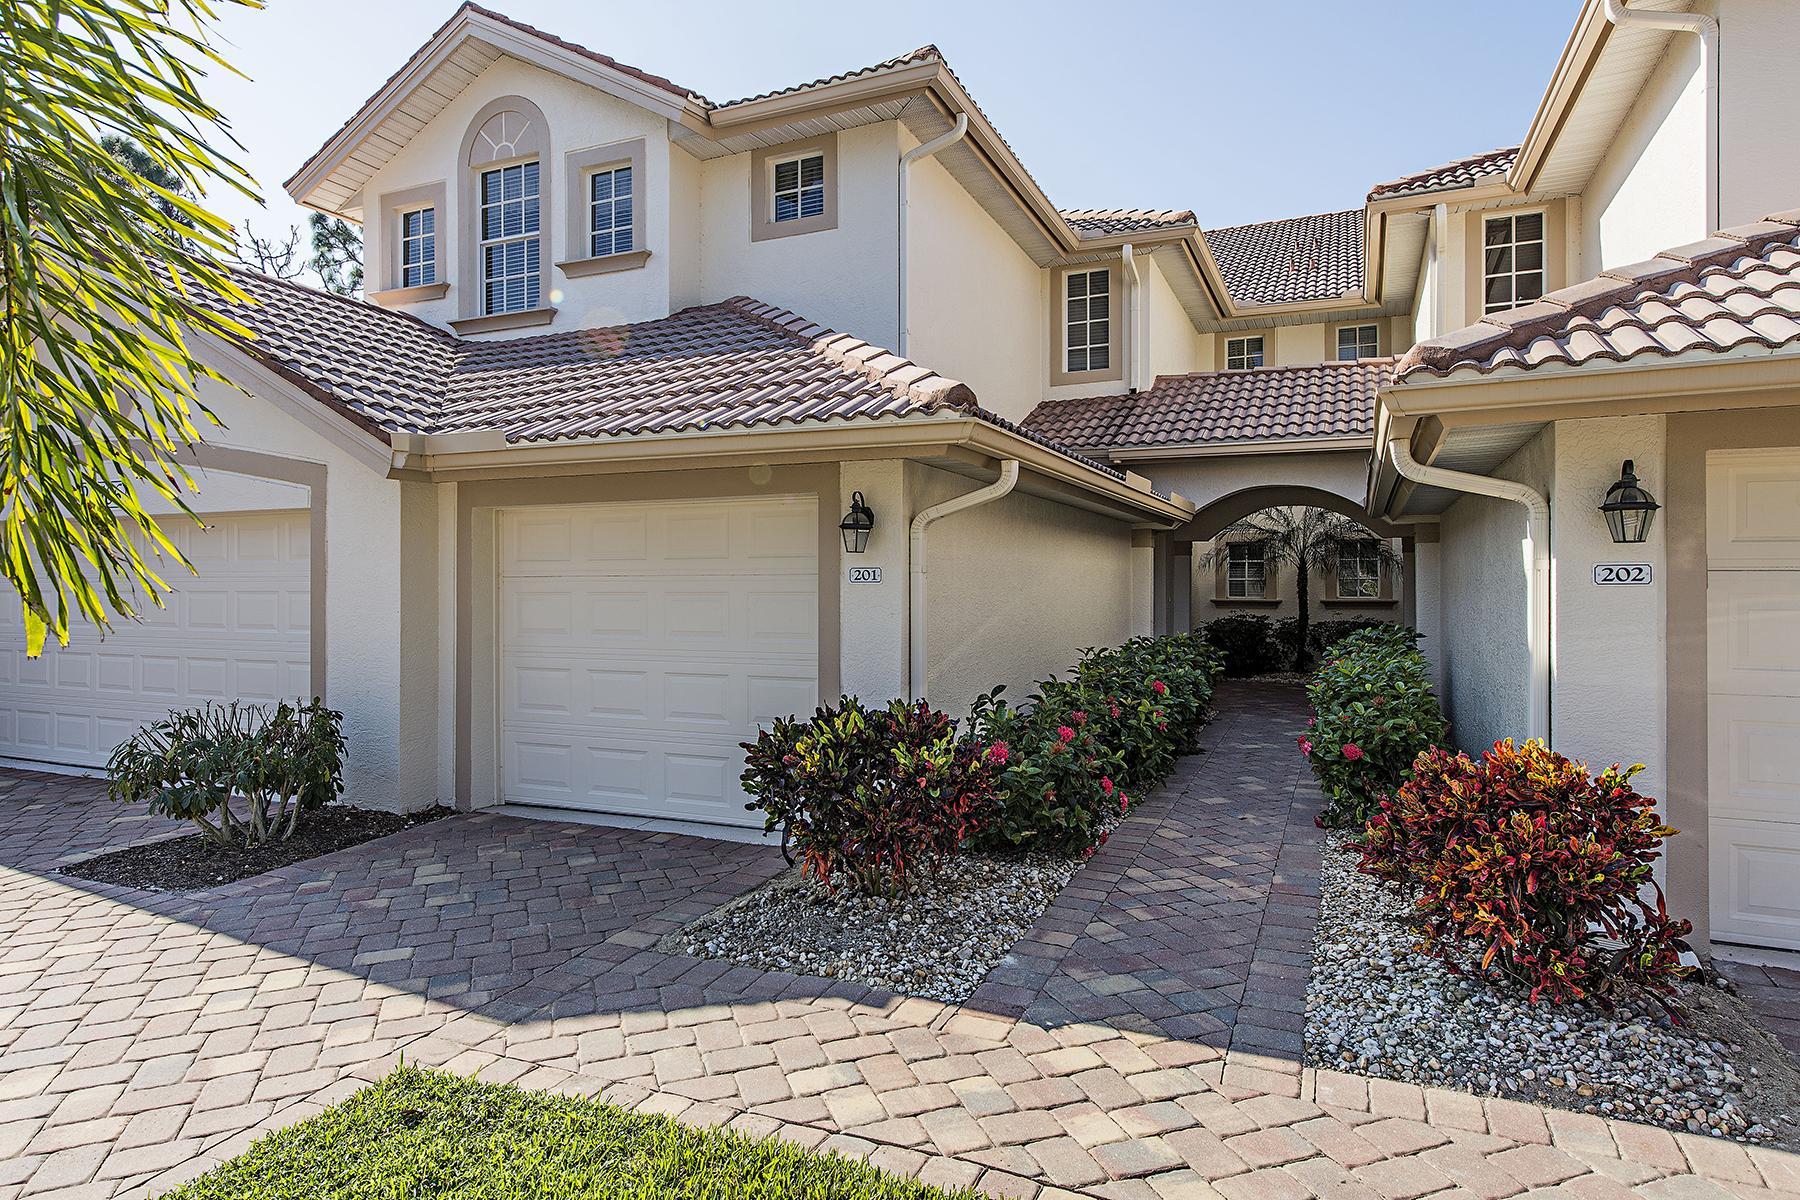 Eigentumswohnung für Verkauf beim MORNINGSIDE 23166 Rosedale Dr 201 Estero, Florida, 34135 Vereinigte Staaten